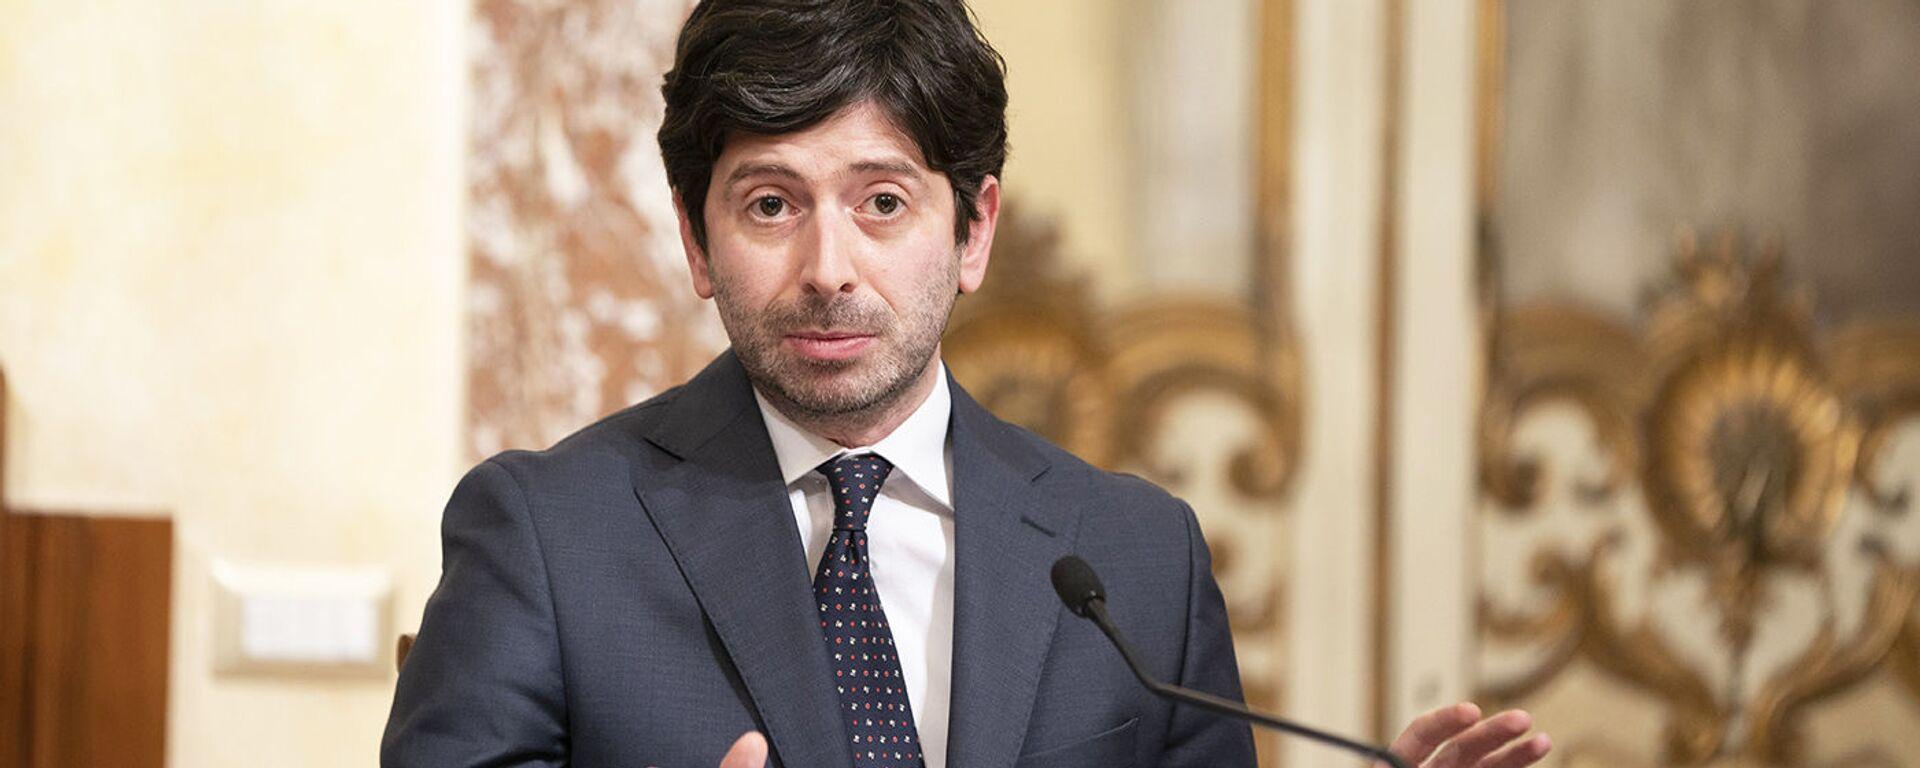 Ministro della Salute Roberto Speranza - Sputnik Italia, 1920, 21.06.2021